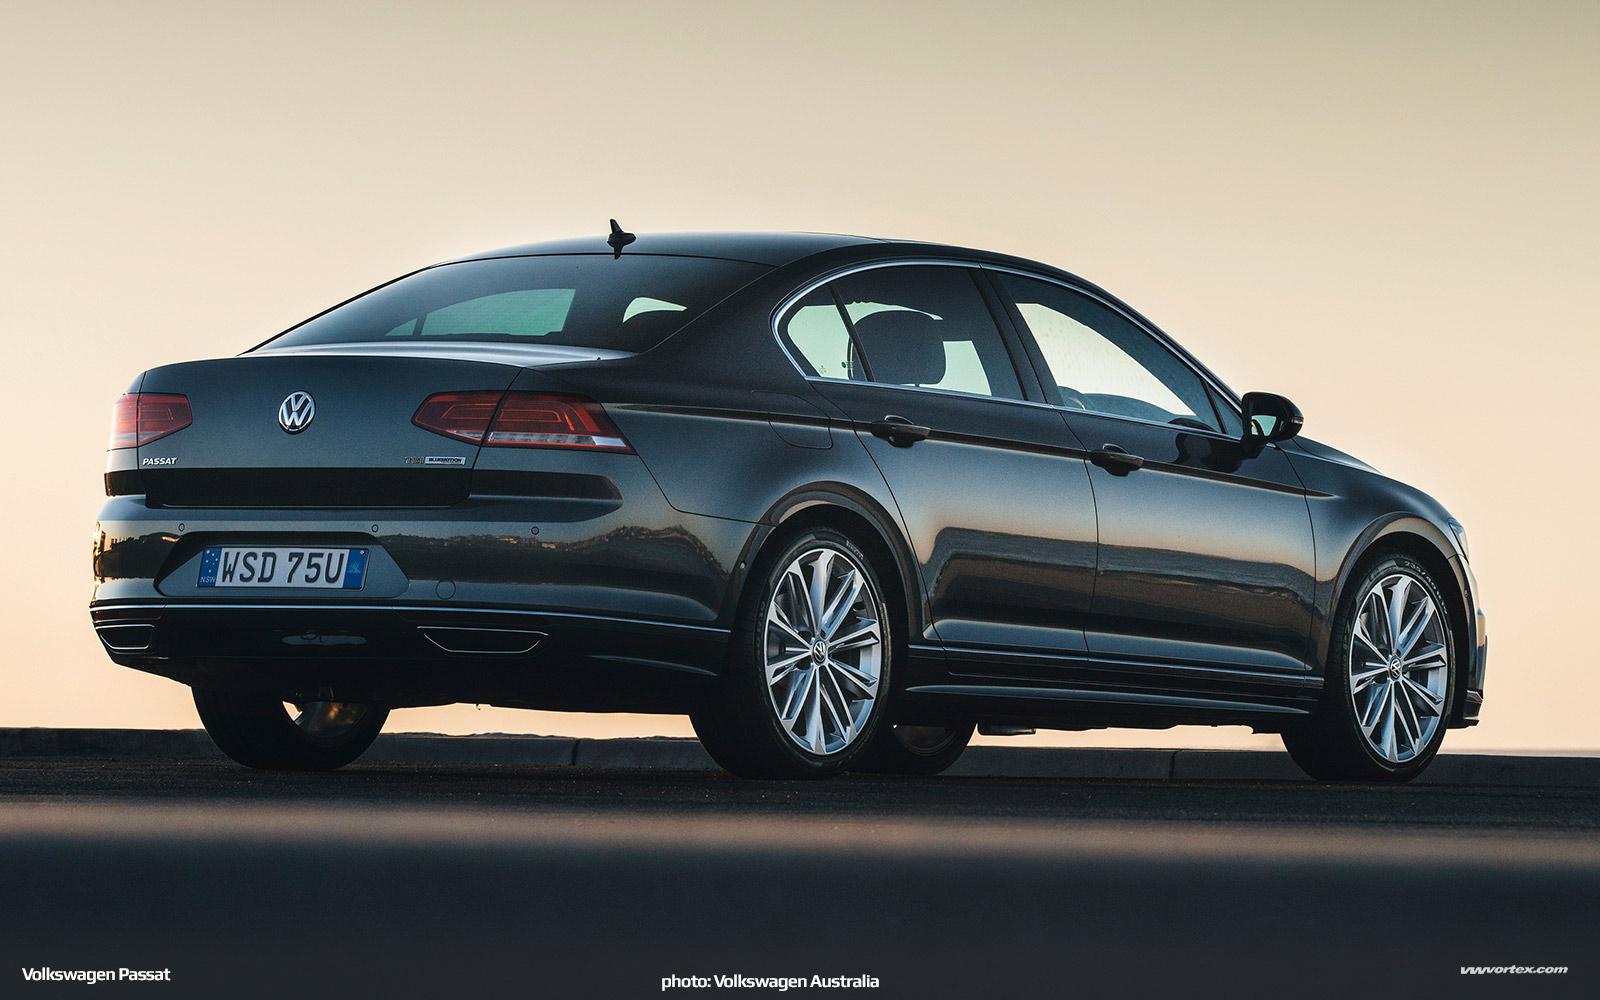 Volkswagen Passat Australia 2016 285 110x60